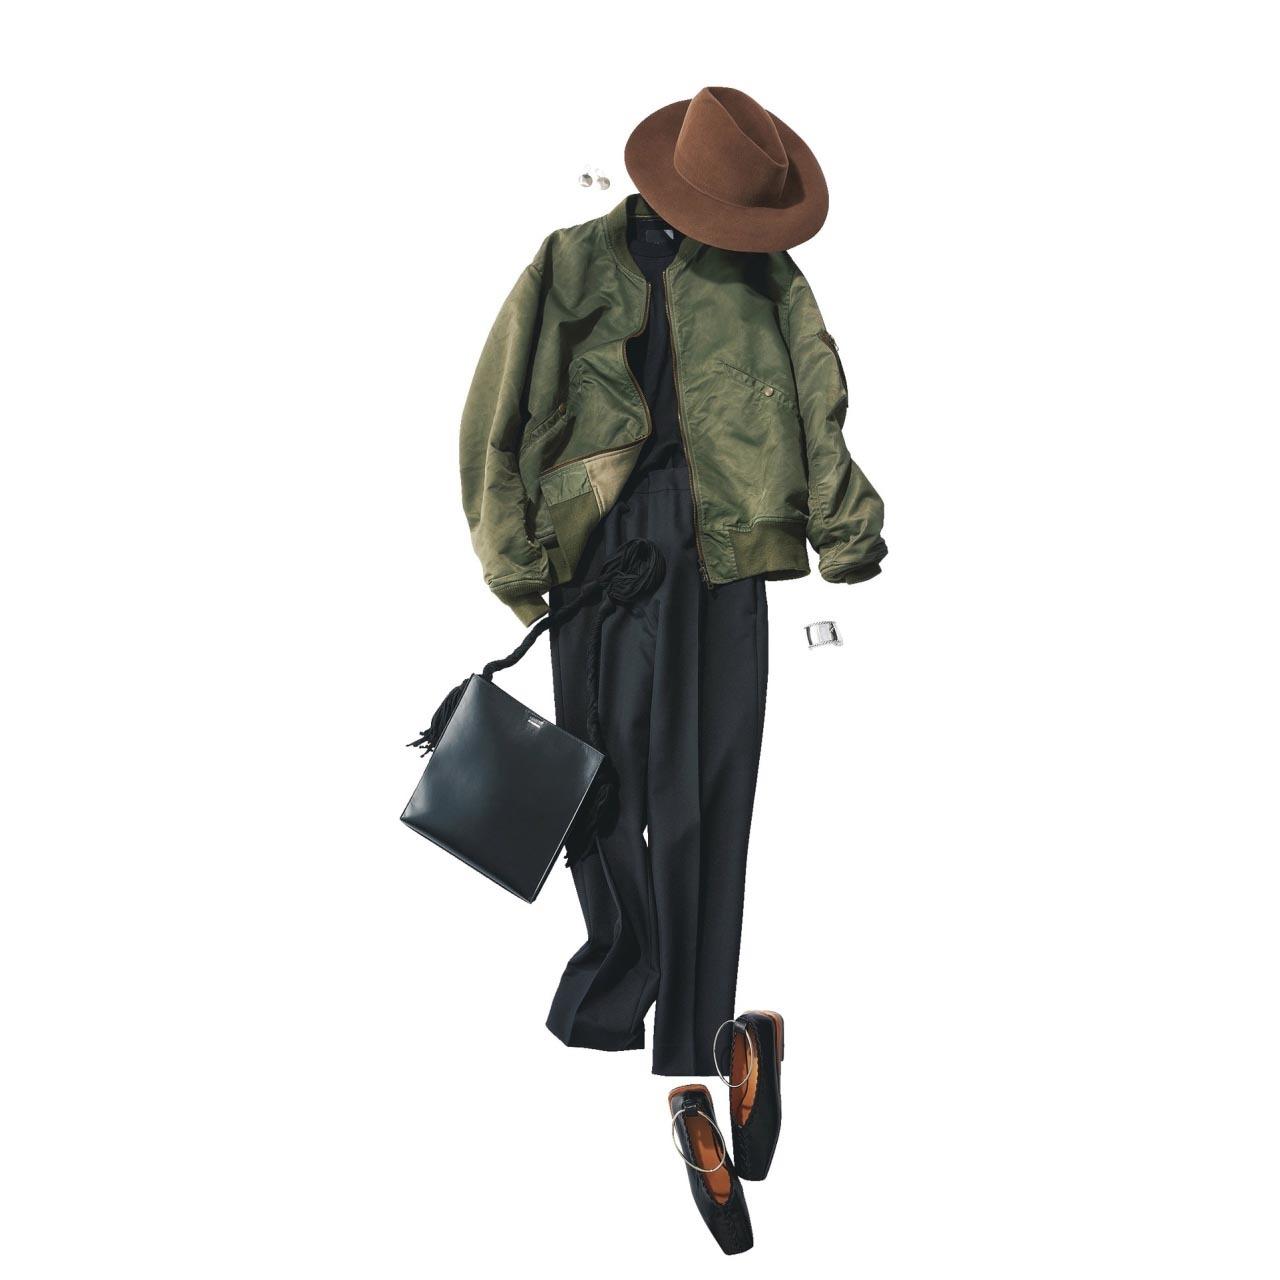 ■ブルゾン×黒トップス×黒パンツのはおりコーデ